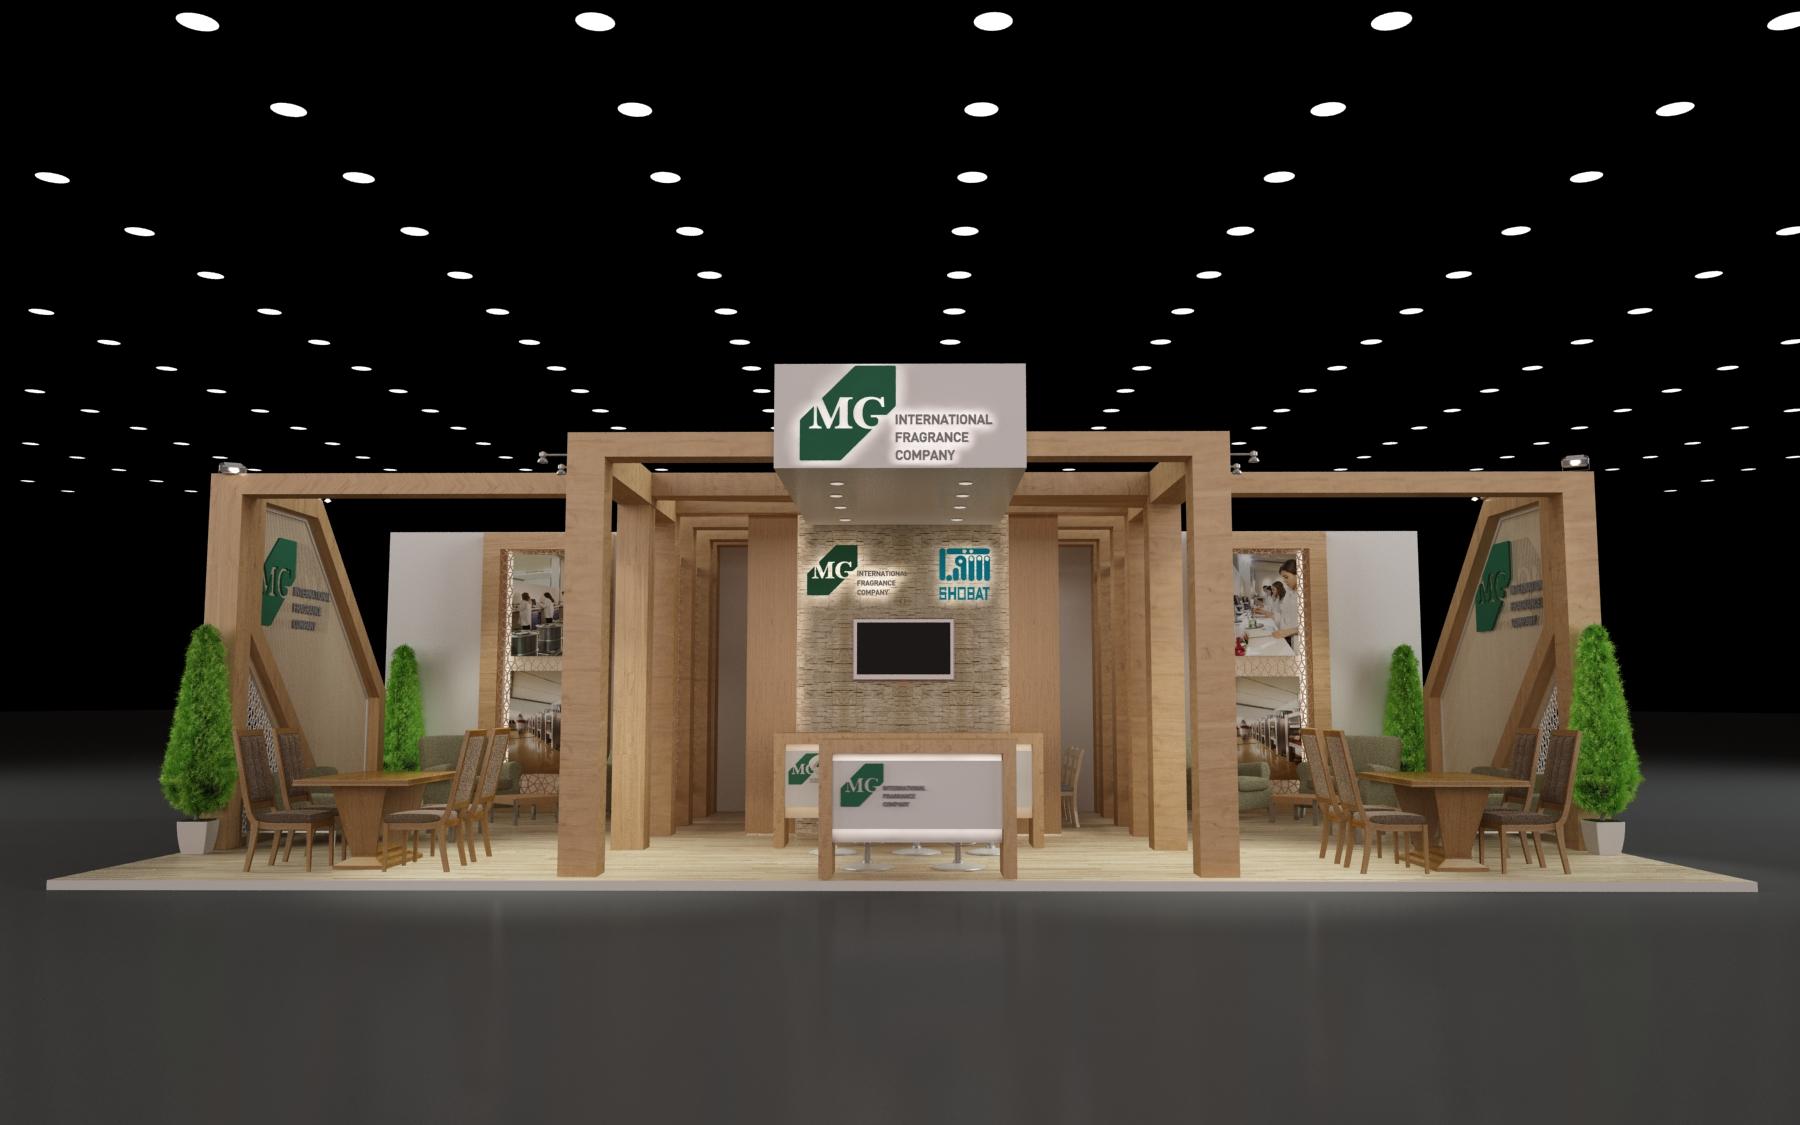 طراحی سه بعدی غرفه شرکت شوبات زیرمجموعه شرکت گلچیچک